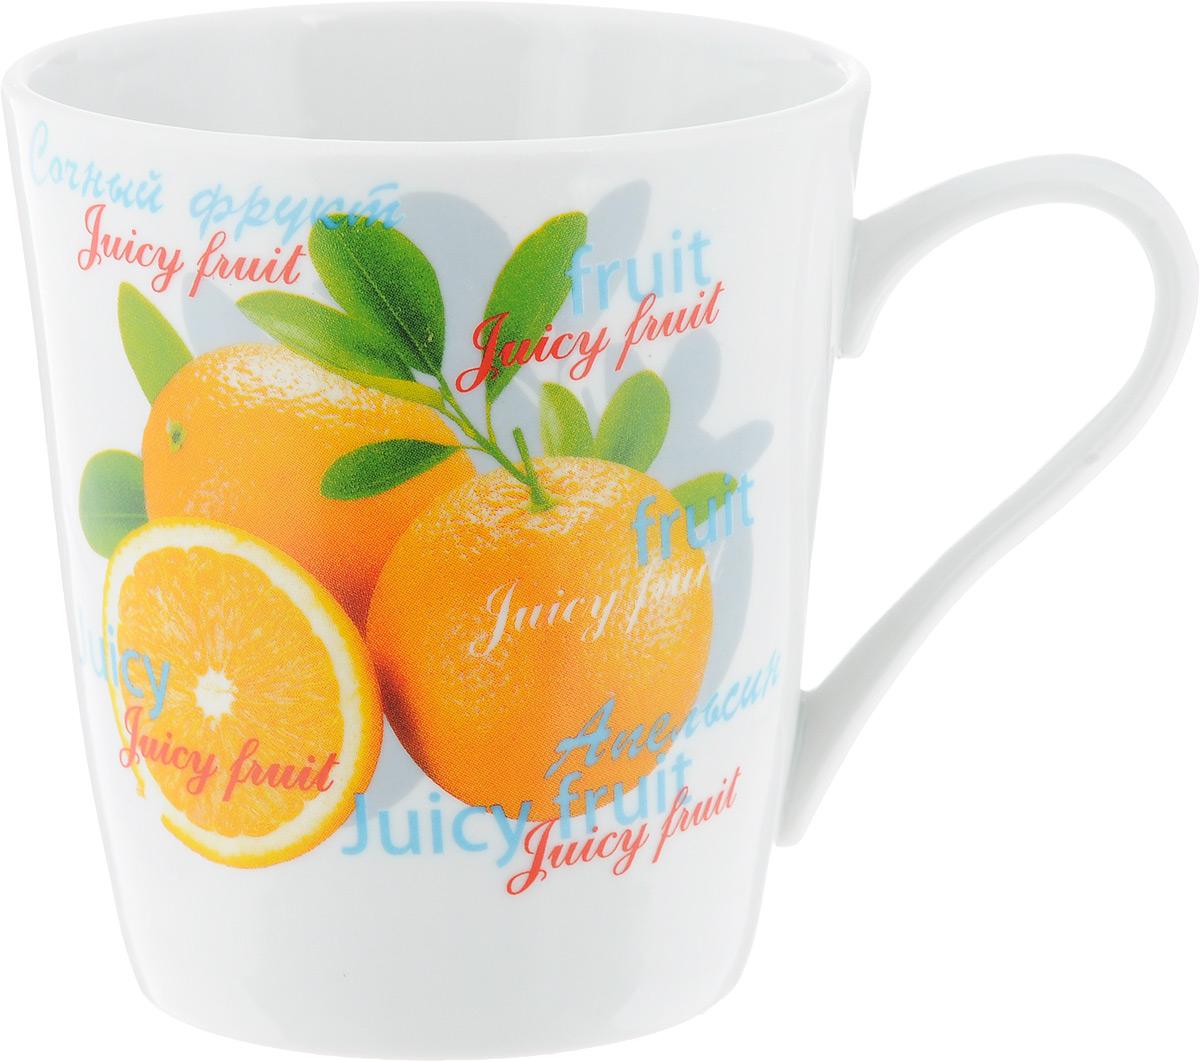 Кружка Классик. Апельсин и персик, 300 мл1333021_апельсин/персикКружка Классик. Апельсин и персик изготовлена из высококачественного фарфора. Изделие оформлено красочным рисунком и покрыто превосходной сверкающей глазурью. Изысканная кружка прекрасно оформит стол к чаепитию и станет его неизменным атрибутом. Диаметр кружки (по верхнему краю): 8,5 см. Высота стенок: 9,5 см.